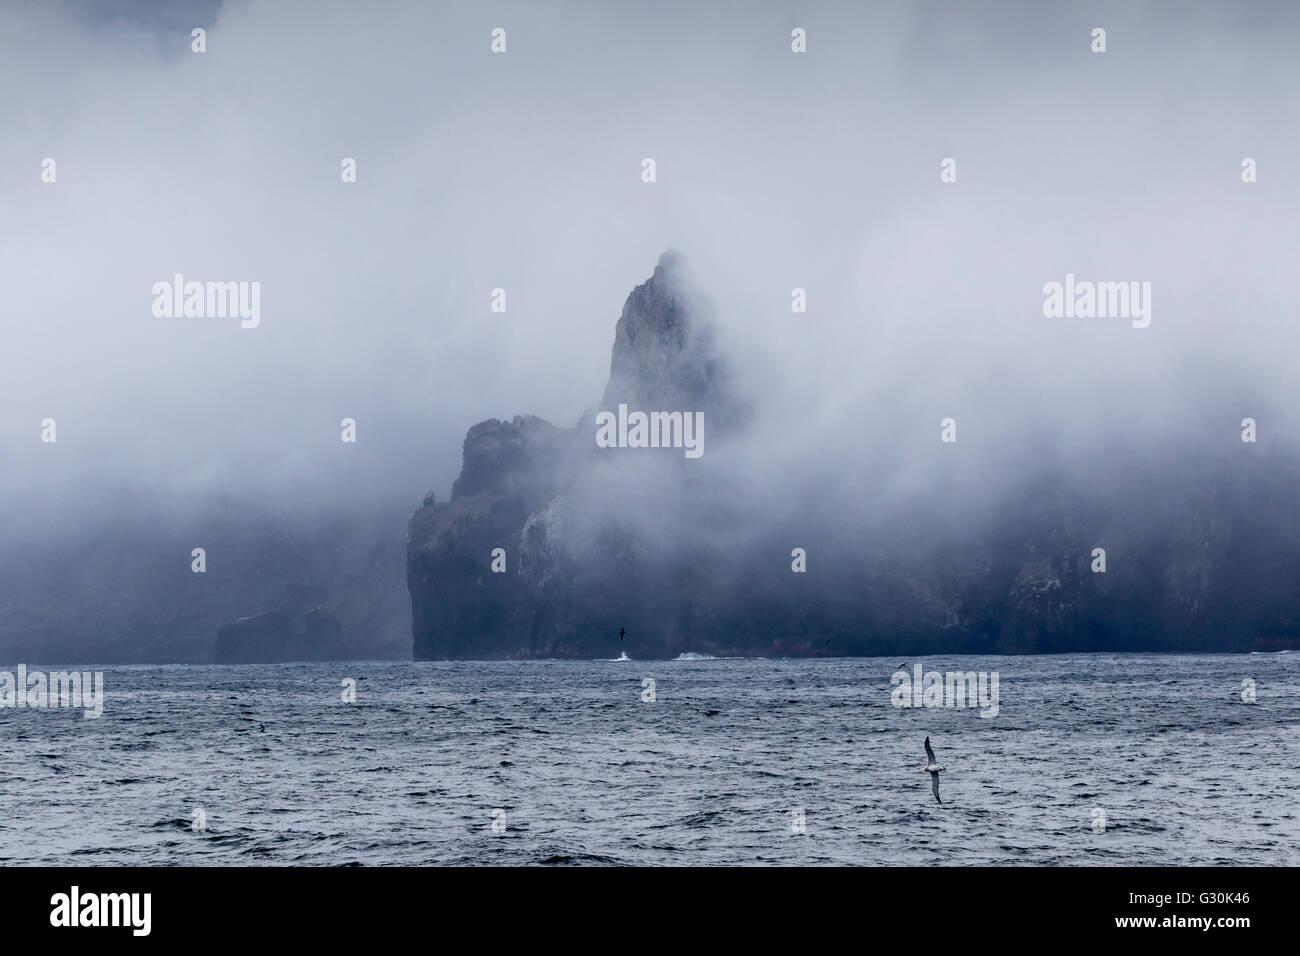 Jagged rocks at the Antipodes Islands, New Zealand sub-Antarctic - Stock Image